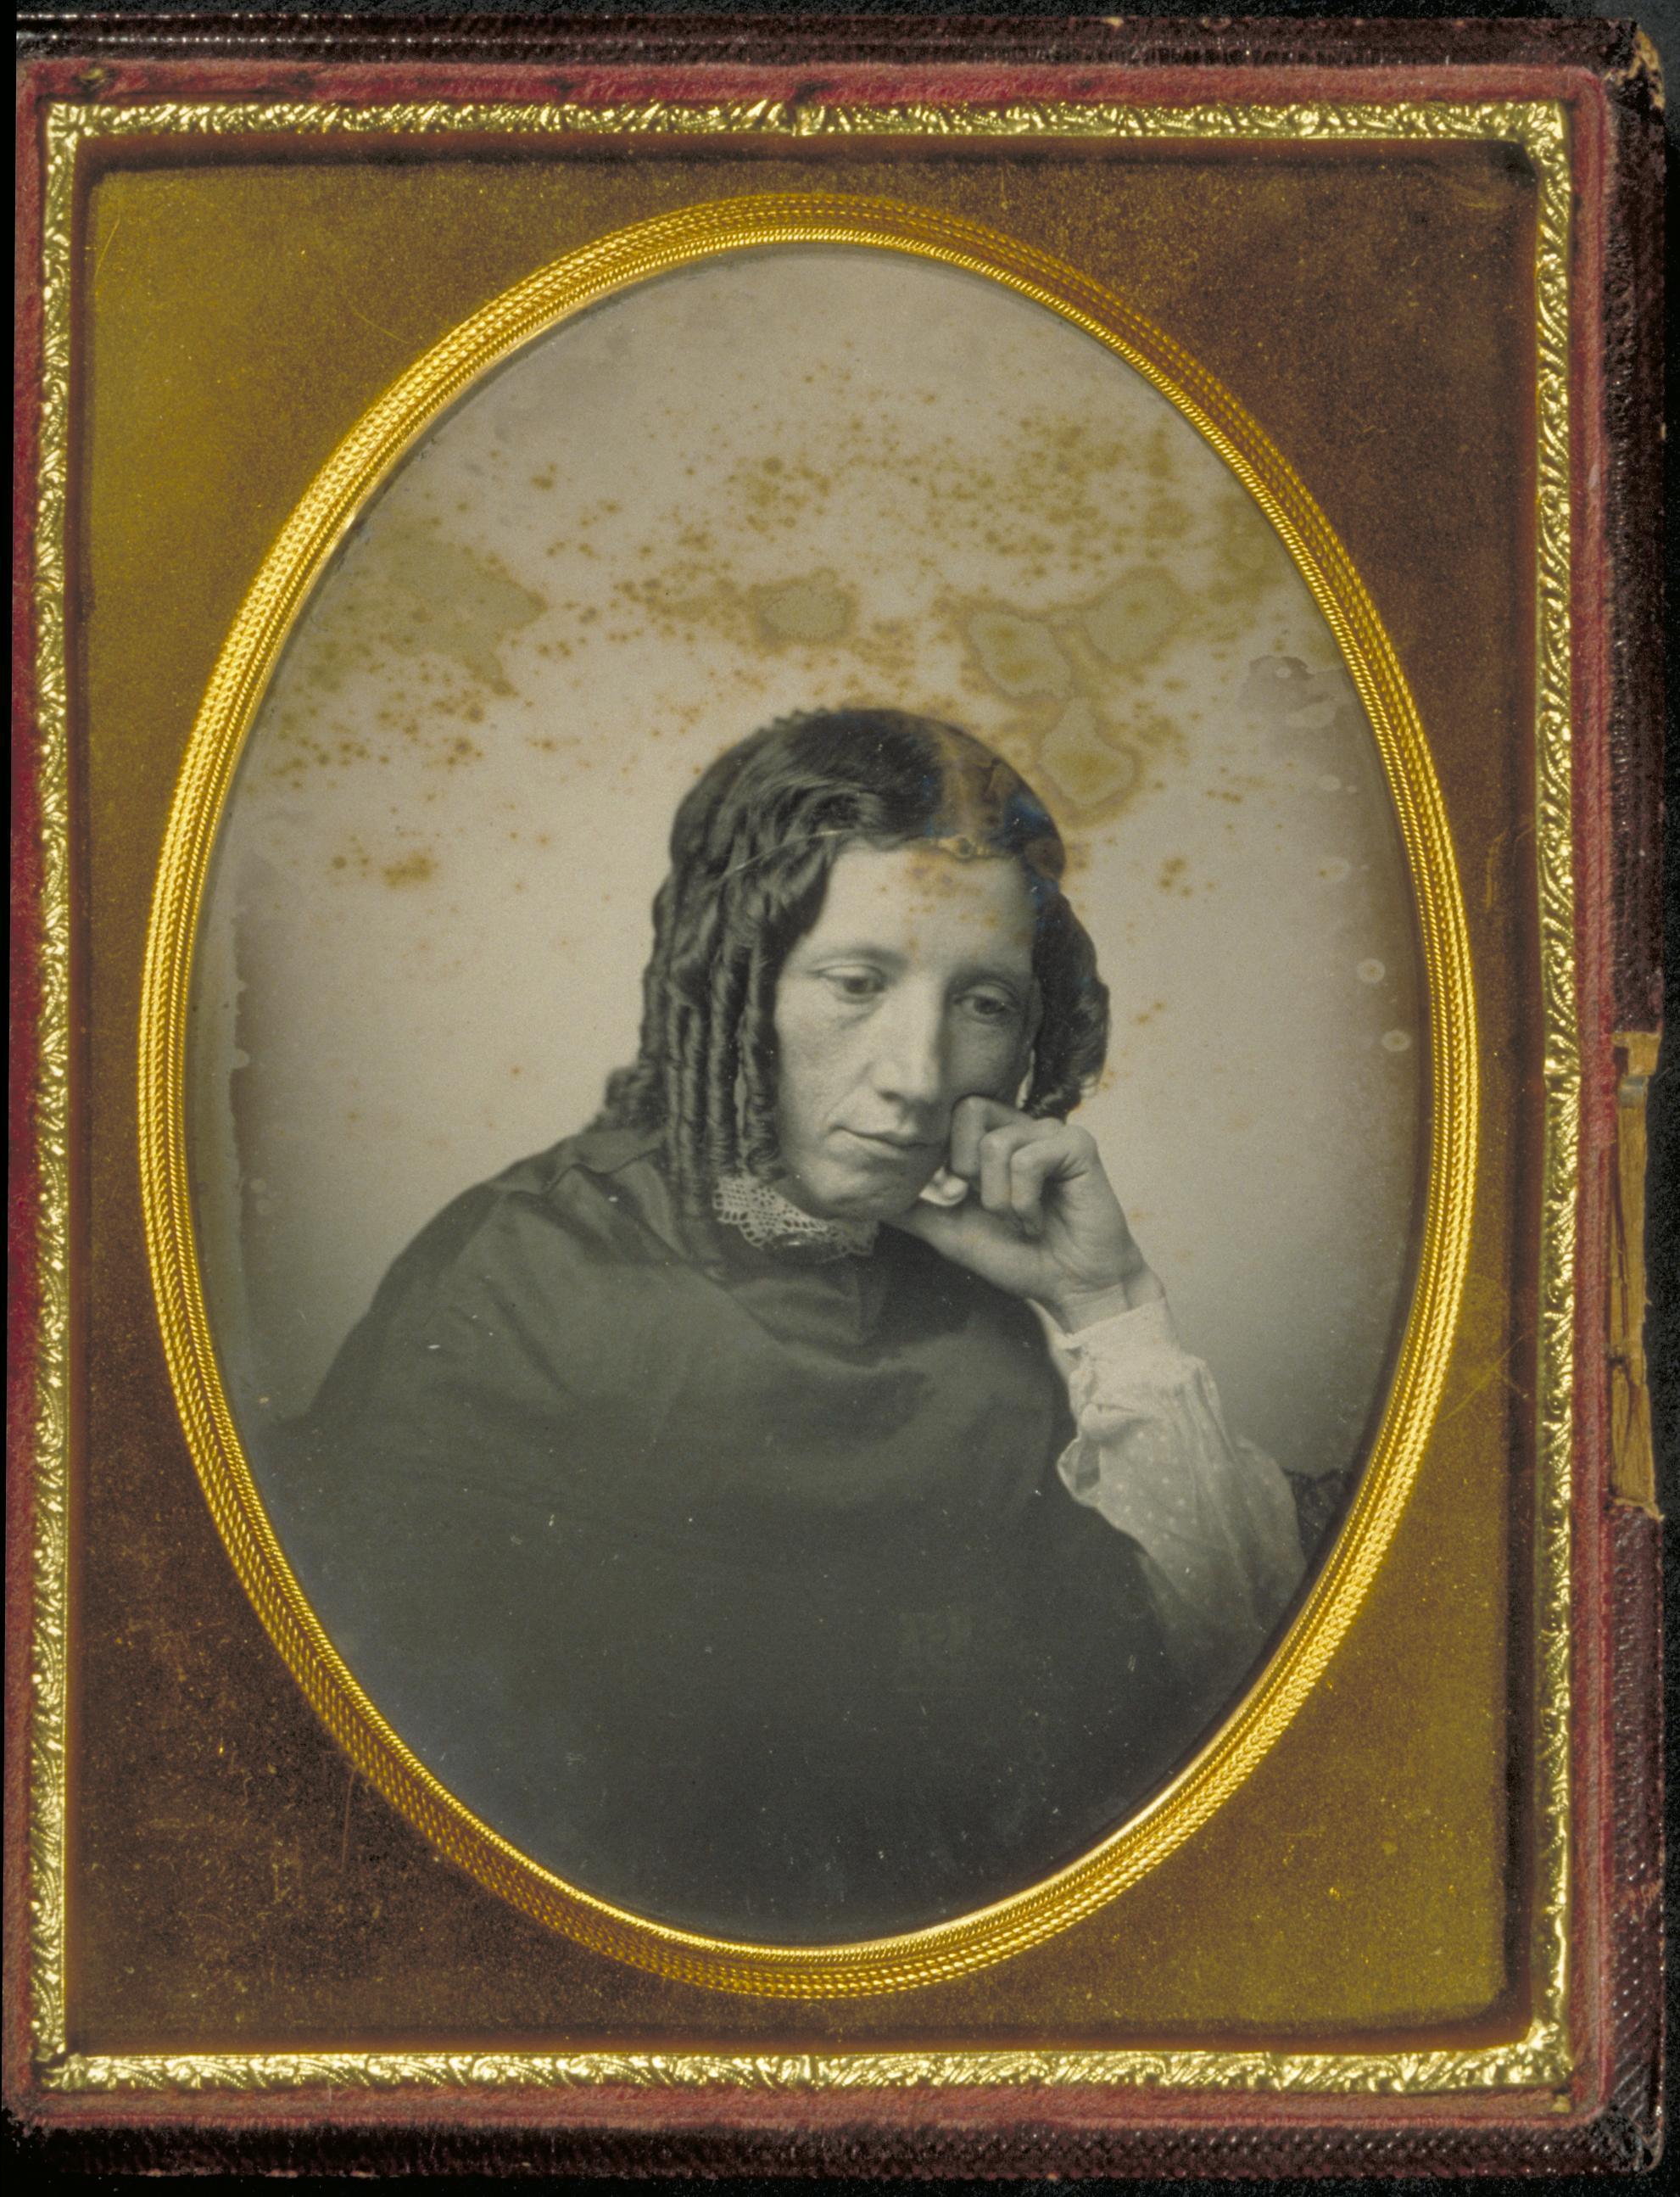 Harriet_Beecher_Stowe_1852.jpg